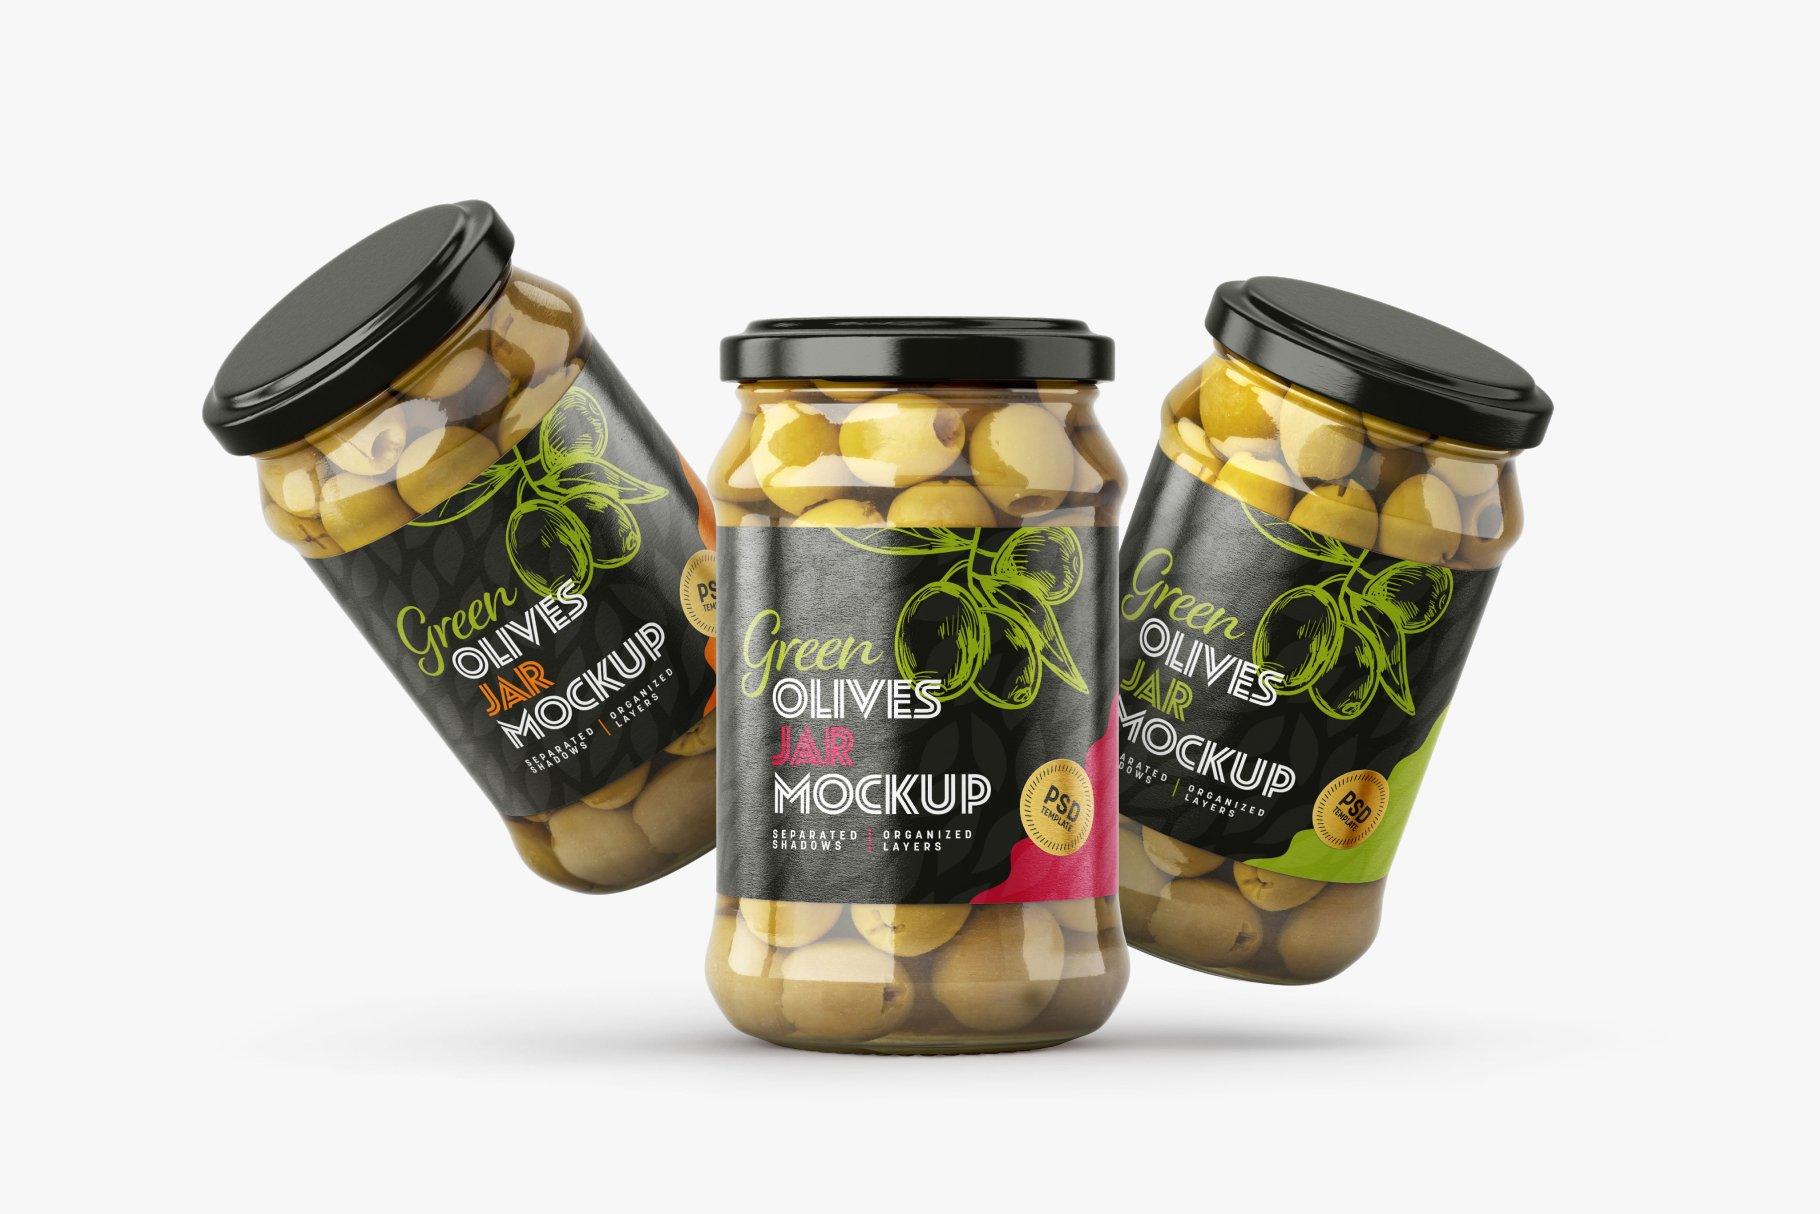 9款新潮华丽食品果酱罐头玻璃罐标签设计样机合集 Olives Jar Mockup Set插图4